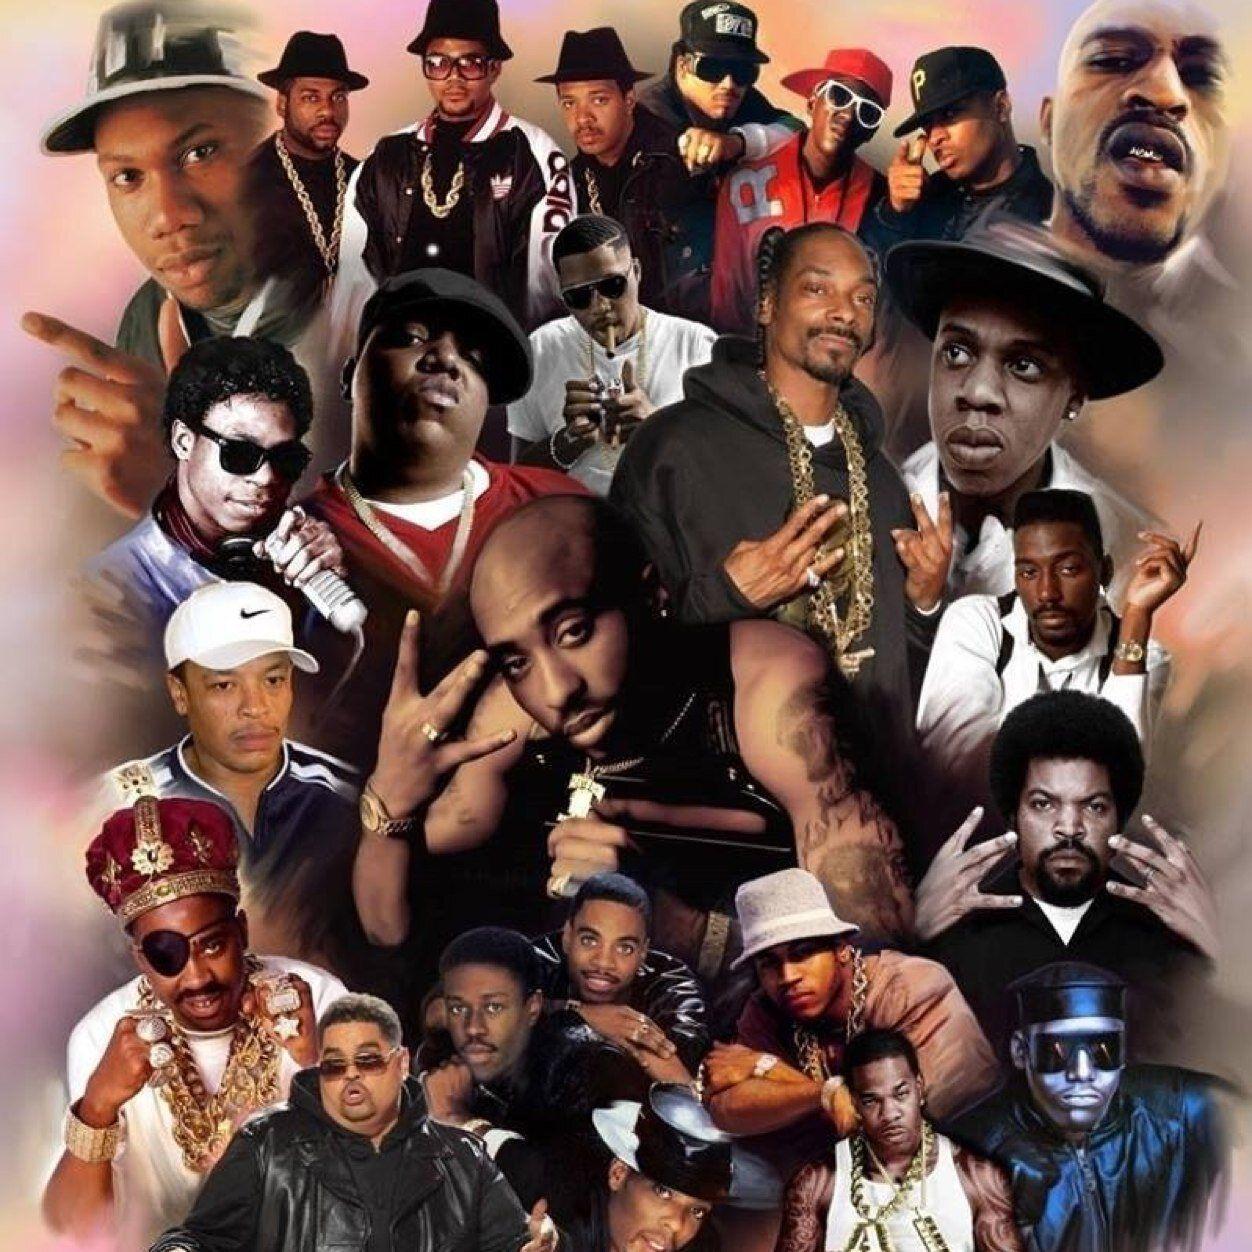 4241 - ¿Sabrías reconocer a los mayores referentes del Hip-Hop?